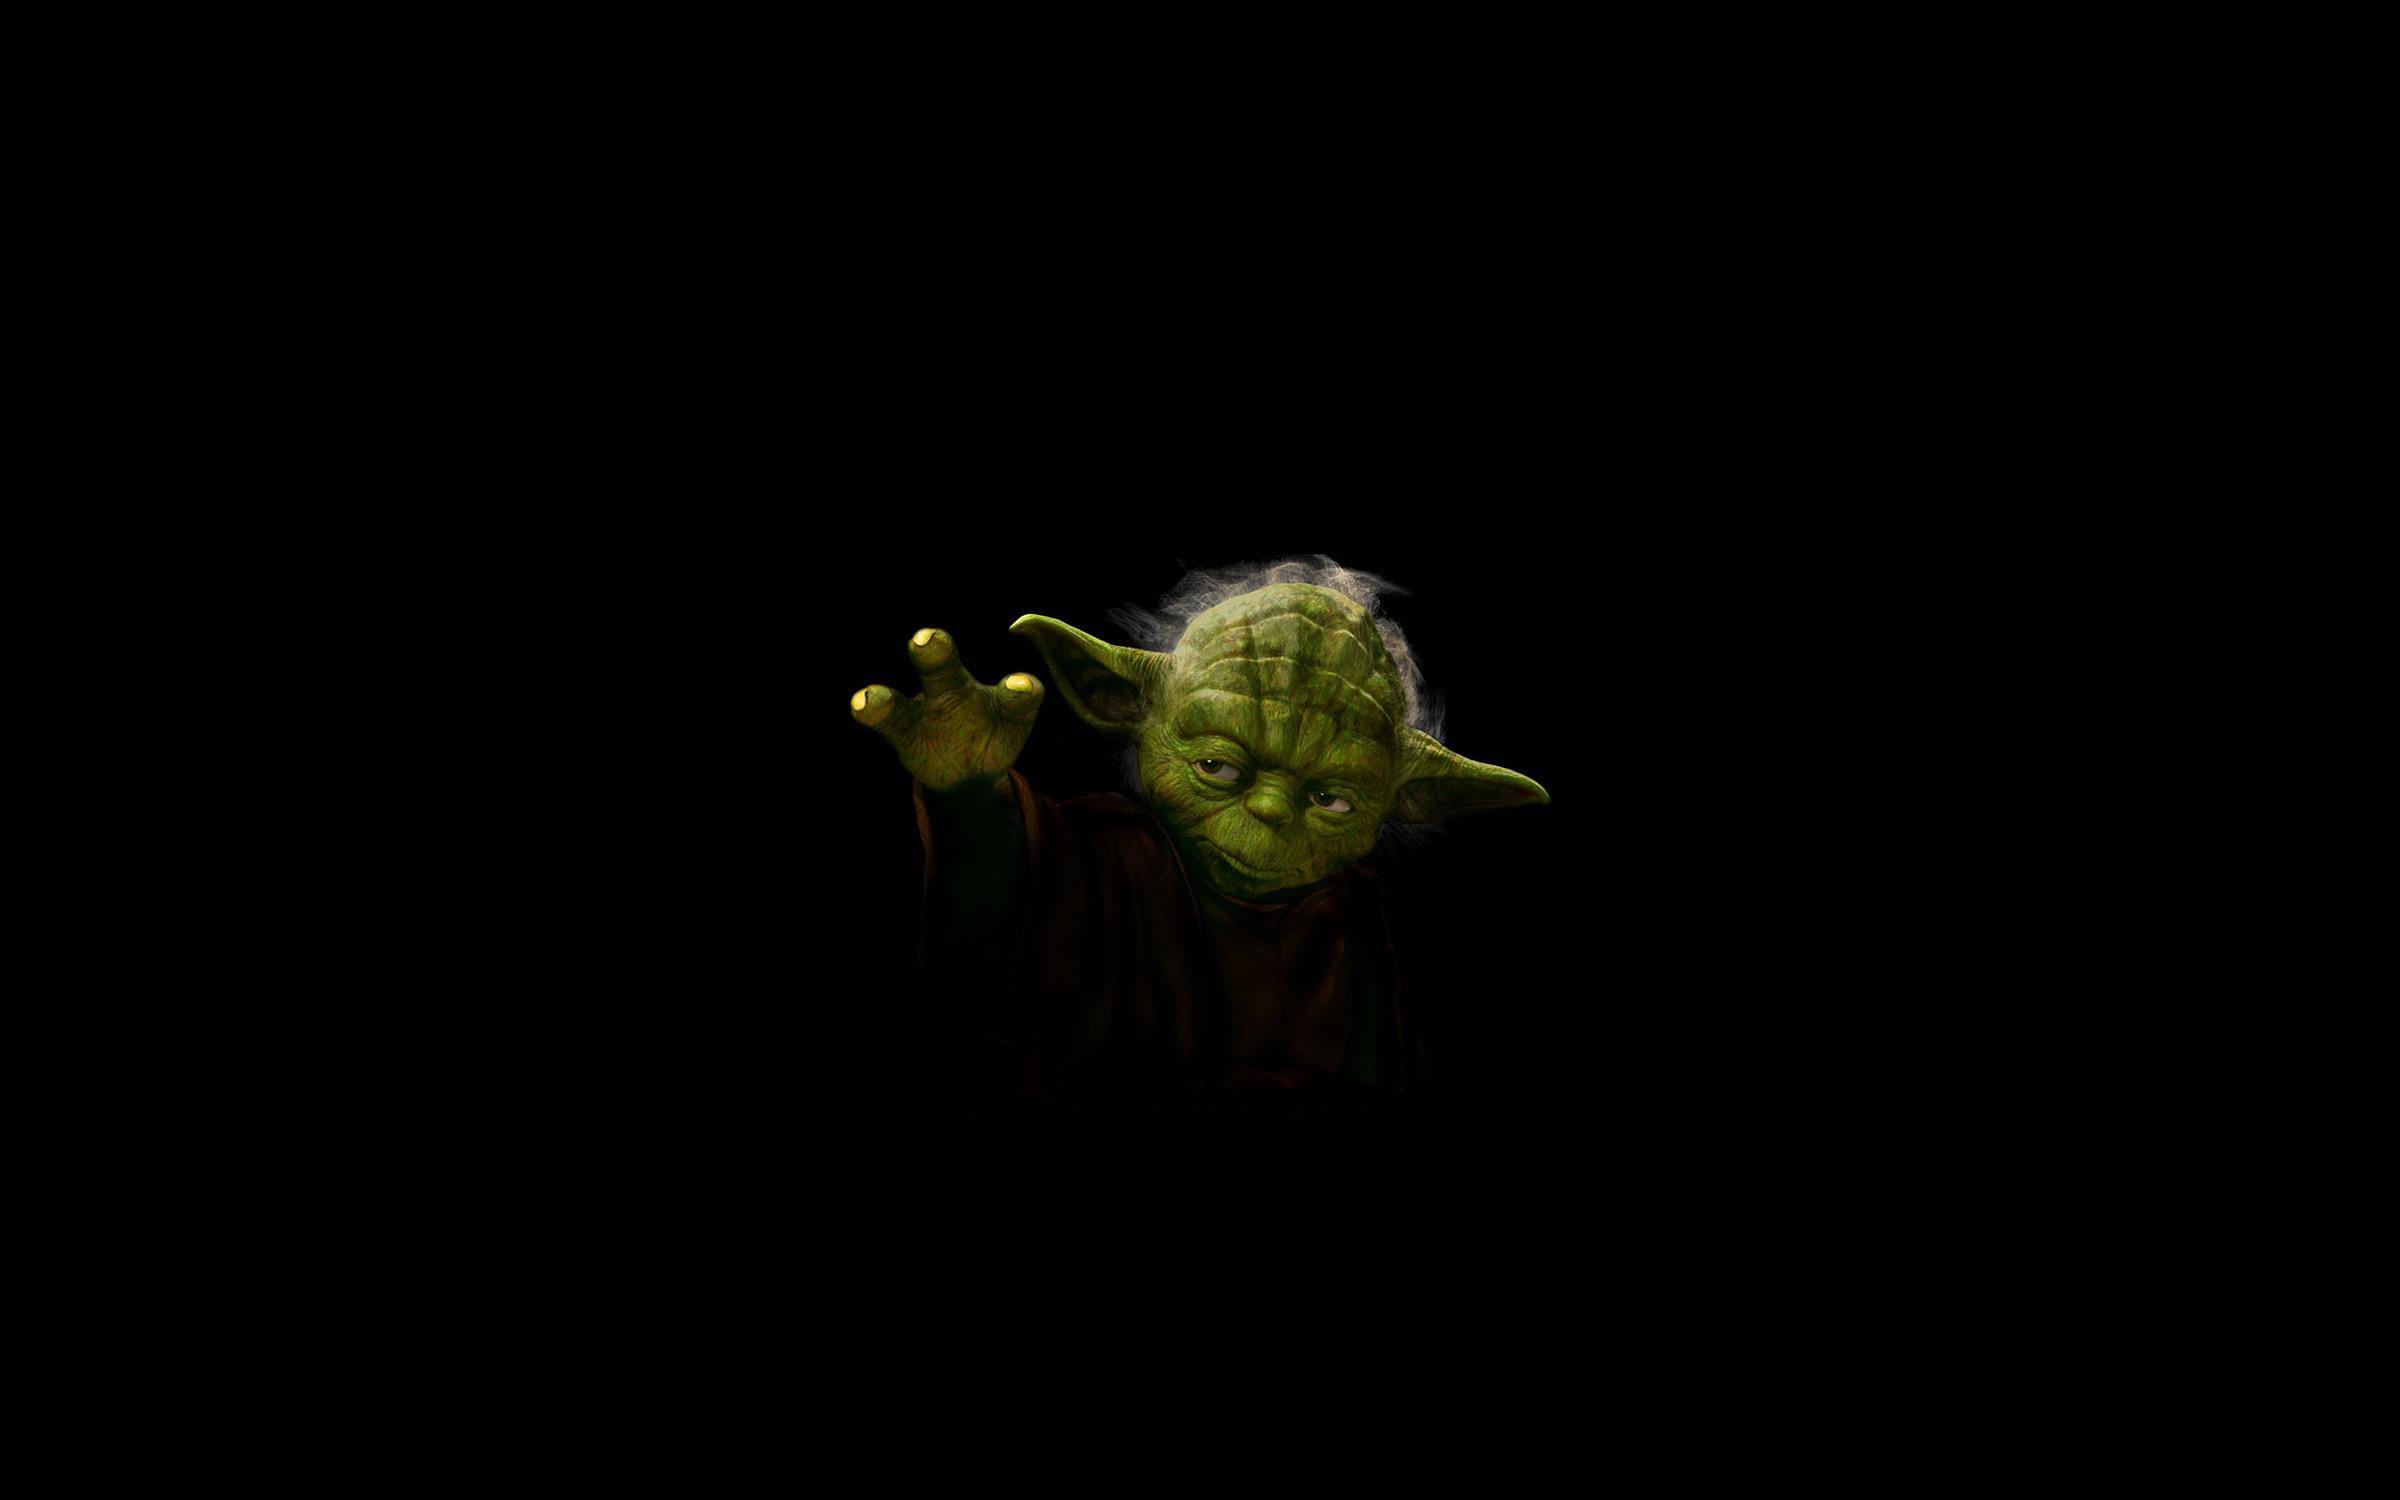 star wars minimalistic jedi yoda HD Wallpaper – Movies & TV (#864411)